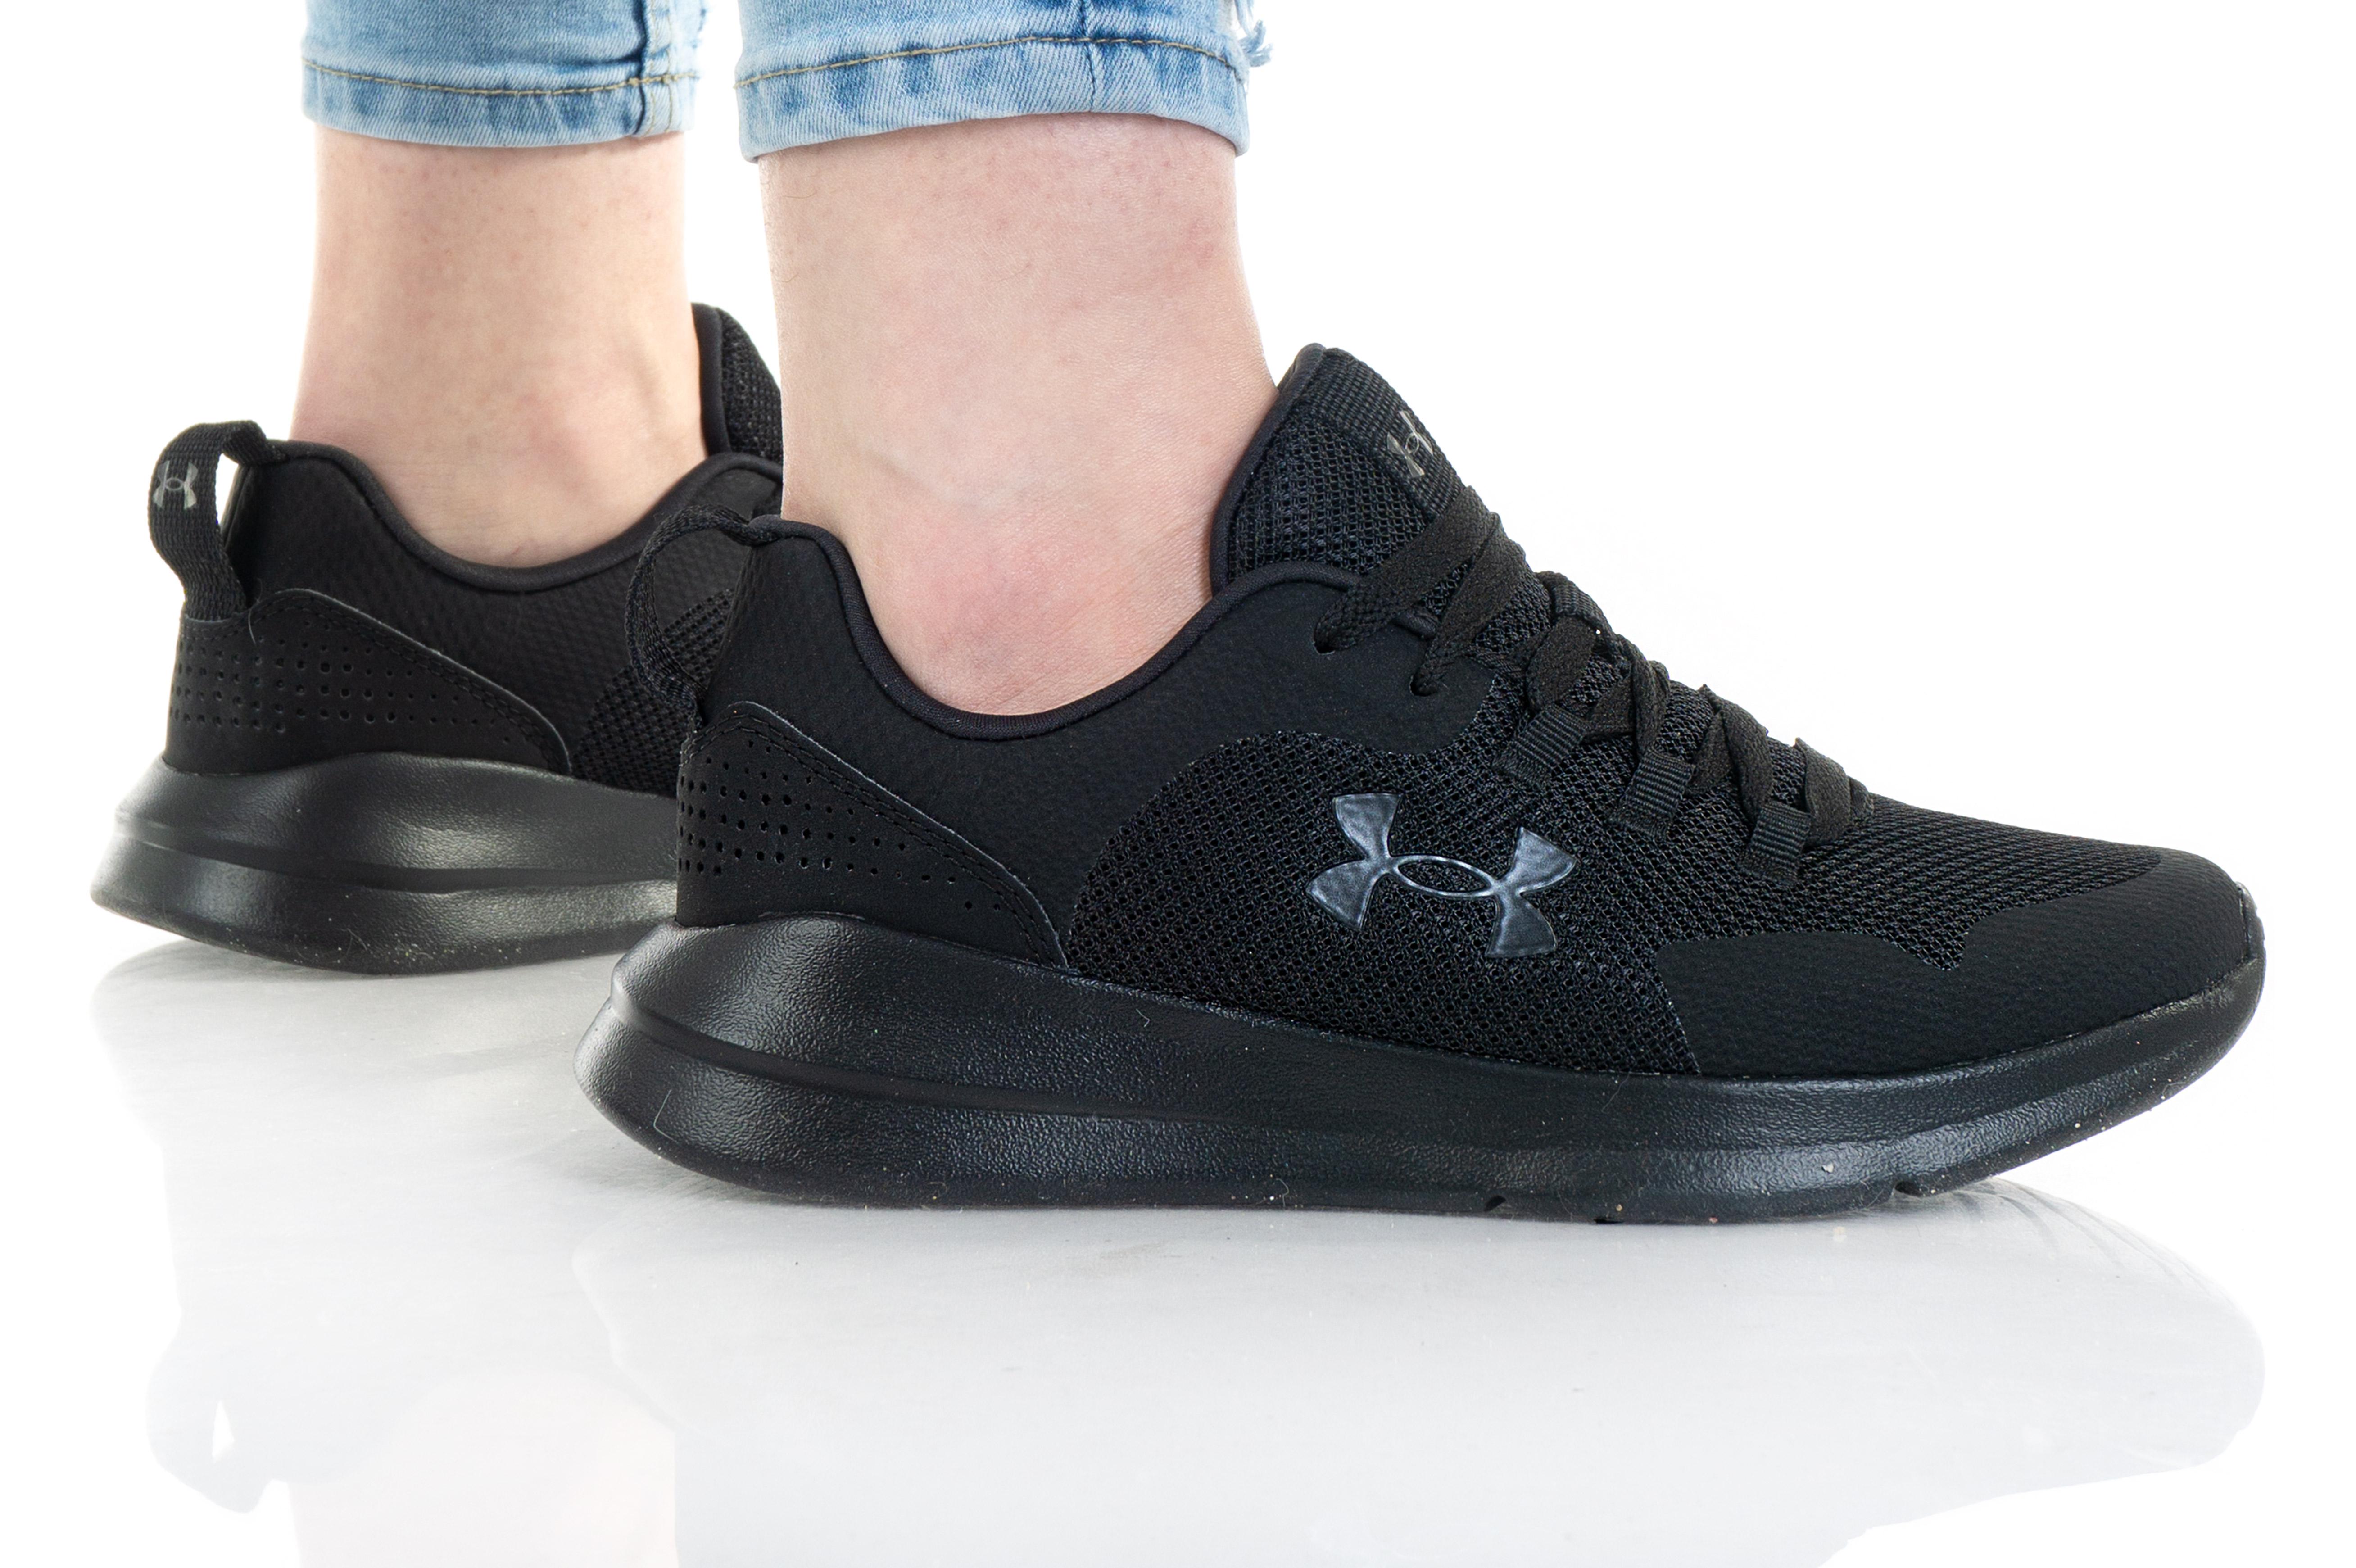 נעלי ריצה אנדר ארמור לנשים Under Armour Essential - שחור